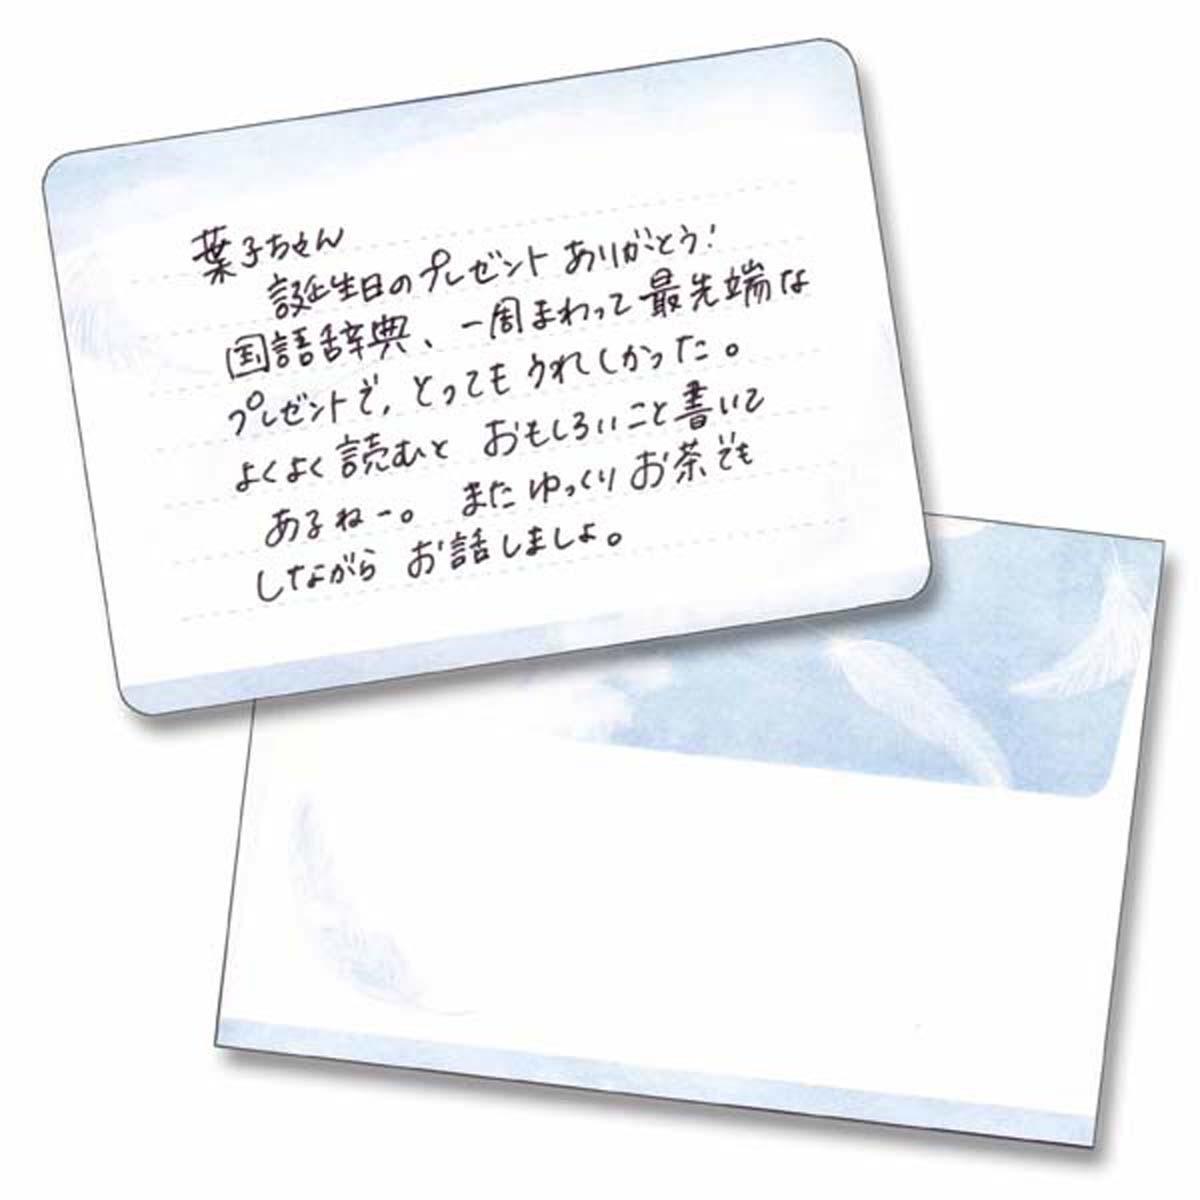 ミニレターセット 空 BlueSky|mls-083